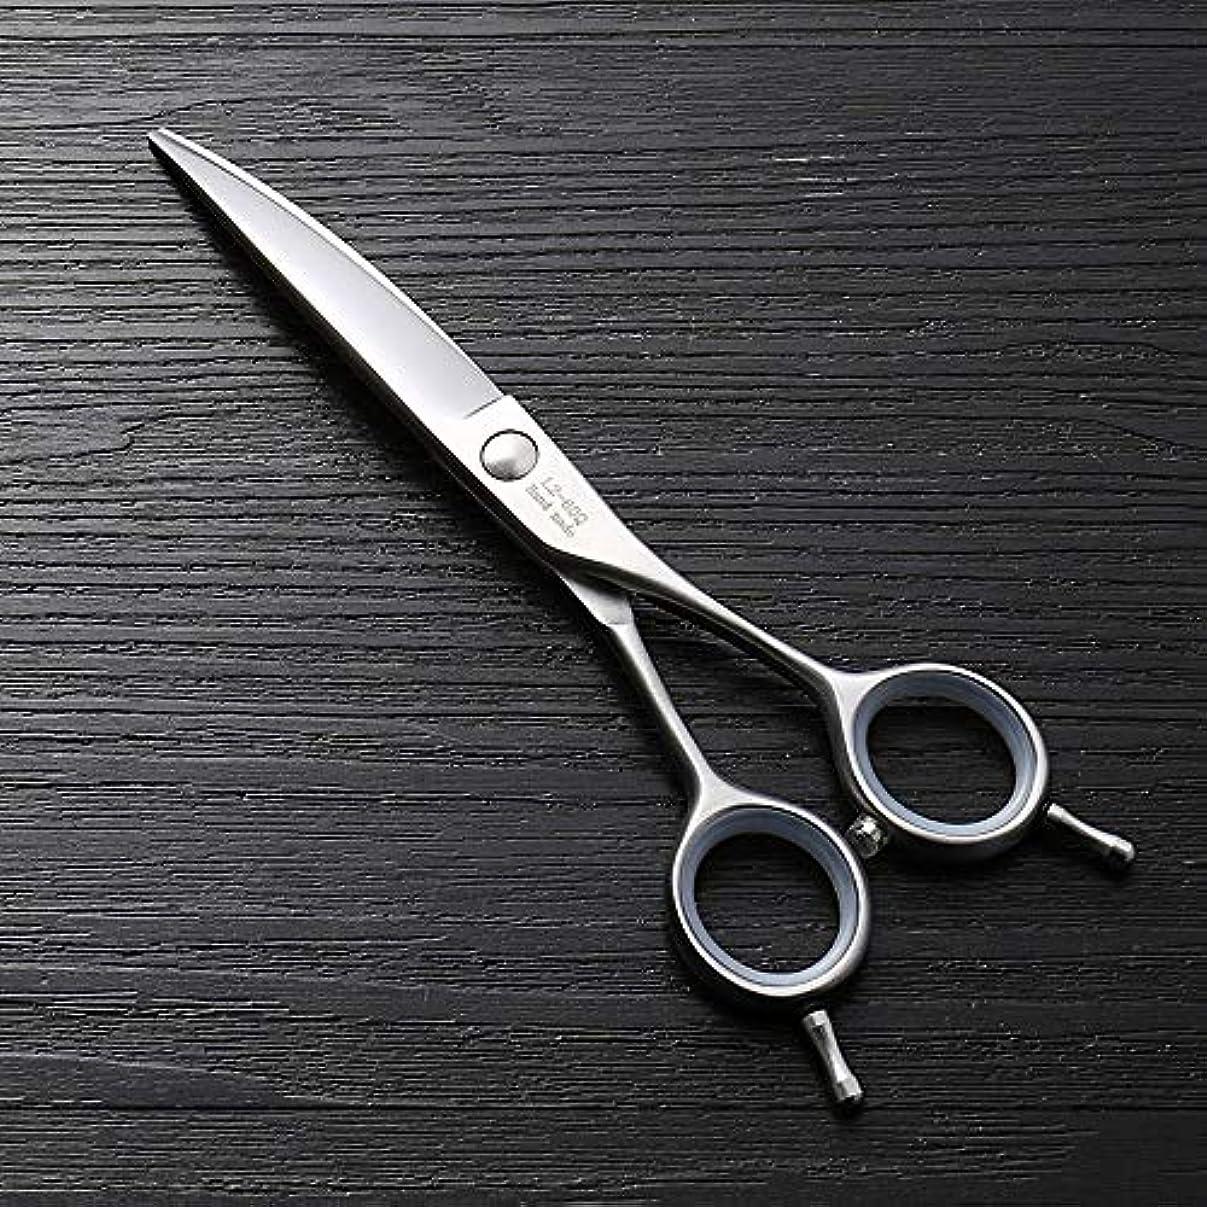 誰賃金アンタゴニスト理髪用はさみ トレンド新しい散髪はさみ、6インチワープカットフラット理髪ツールヘアカット鋏ステンレス理髪はさみ (色 : Silver)